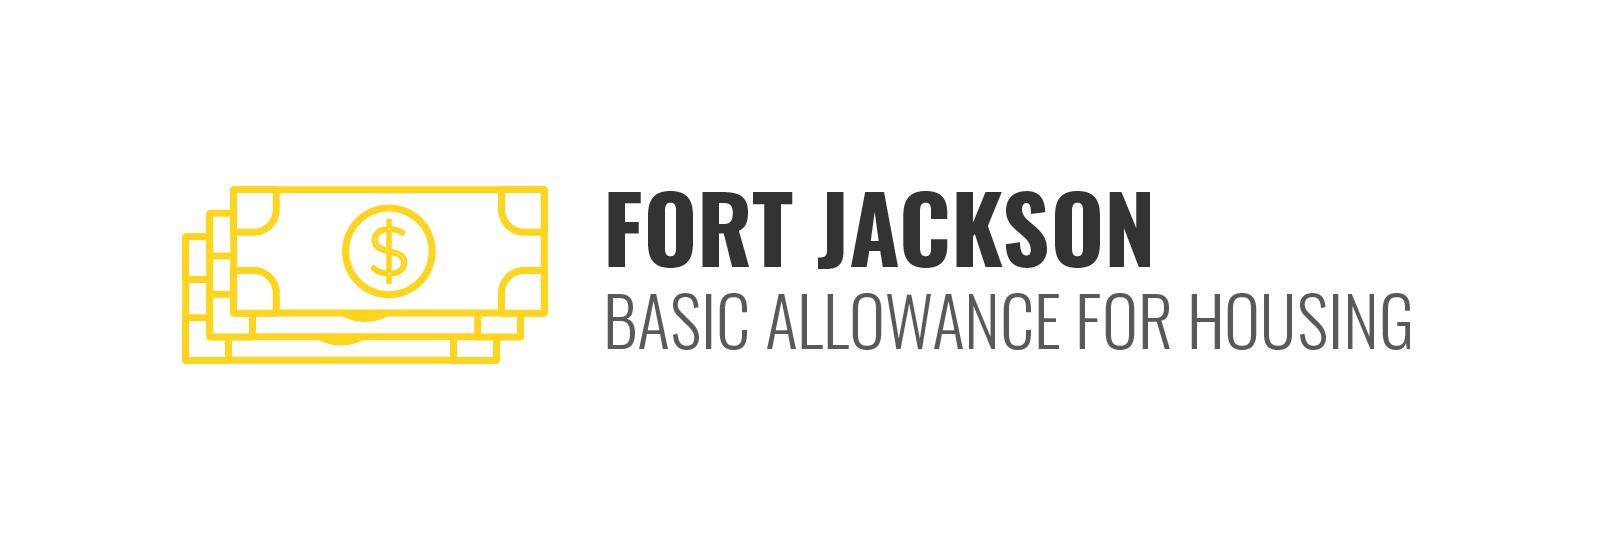 Fort Jackson BAH